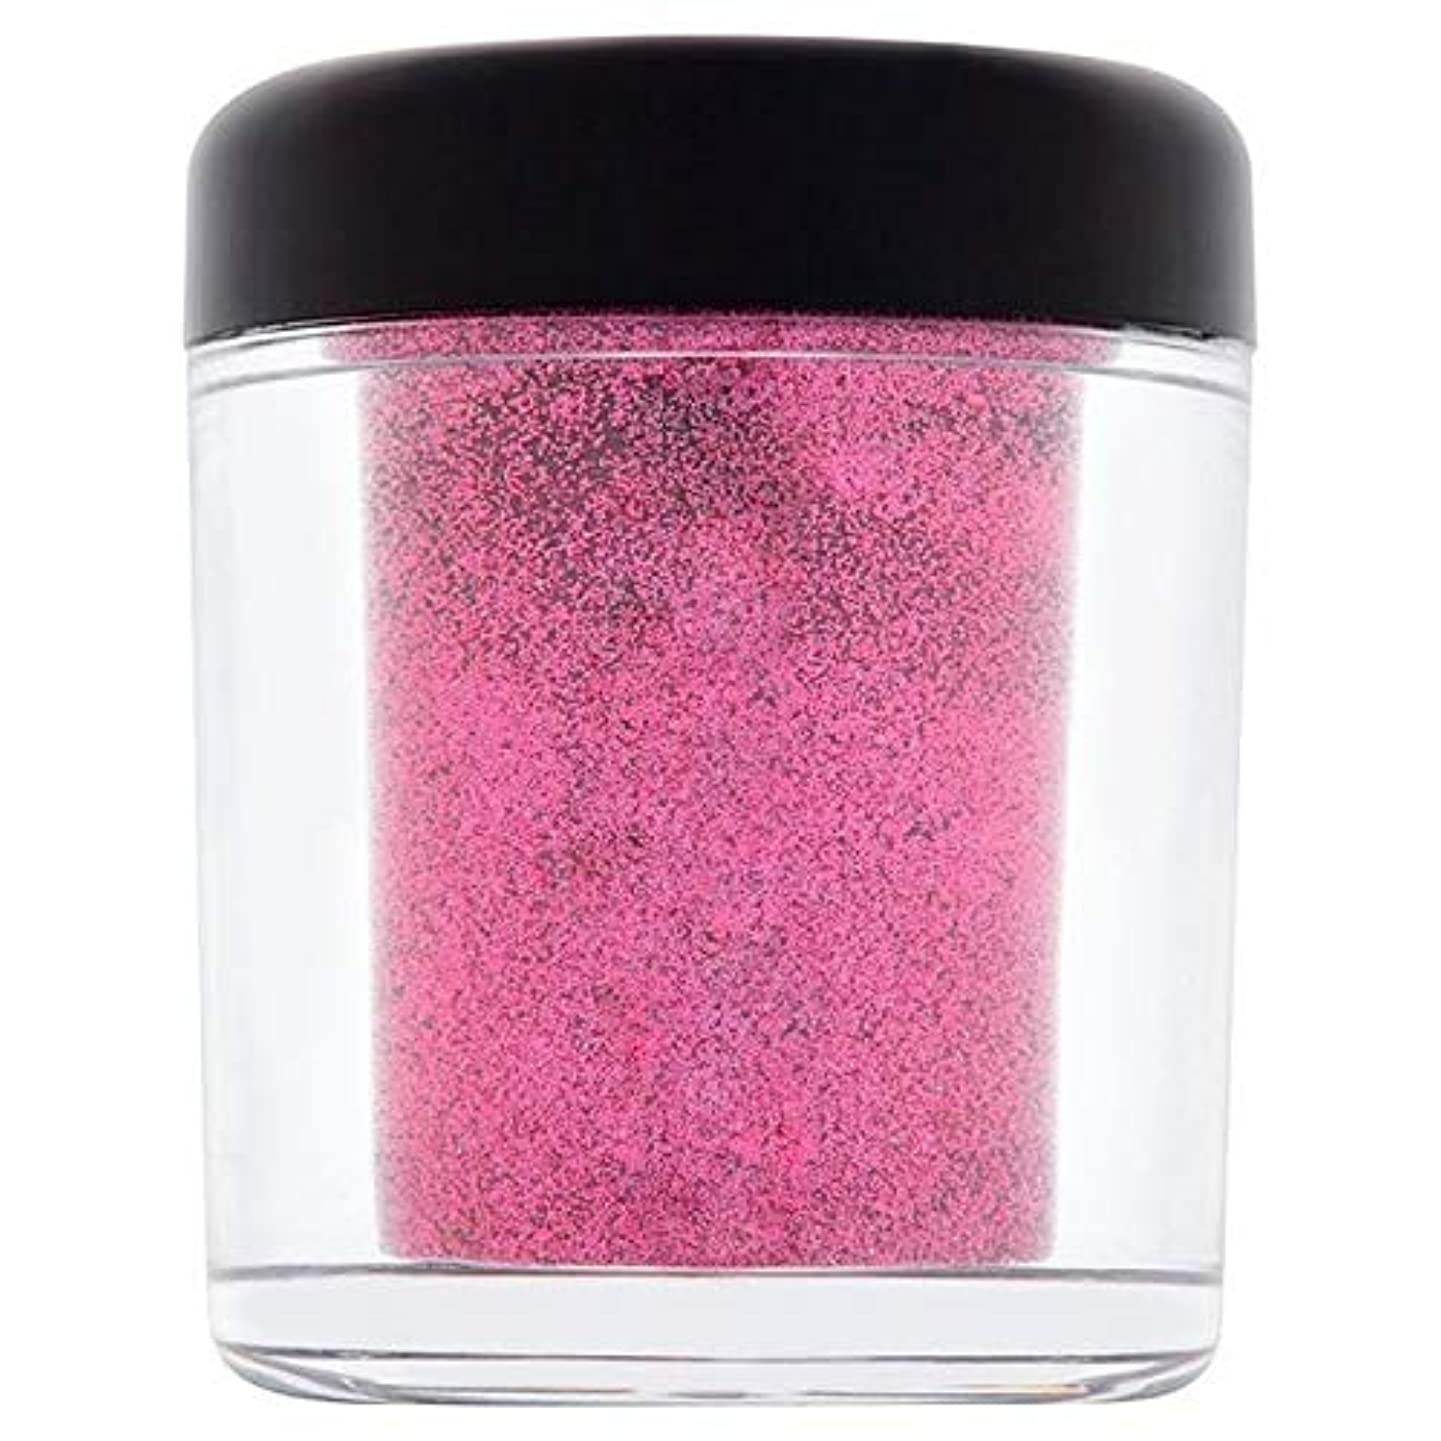 汚染エスカレート慎重に[Collection ] 収集グラムの結晶フェイス&ボディグリッター誘惑4 - Collection Glam Crystals Face & Body Glitter Temptation 4 [並行輸入品]